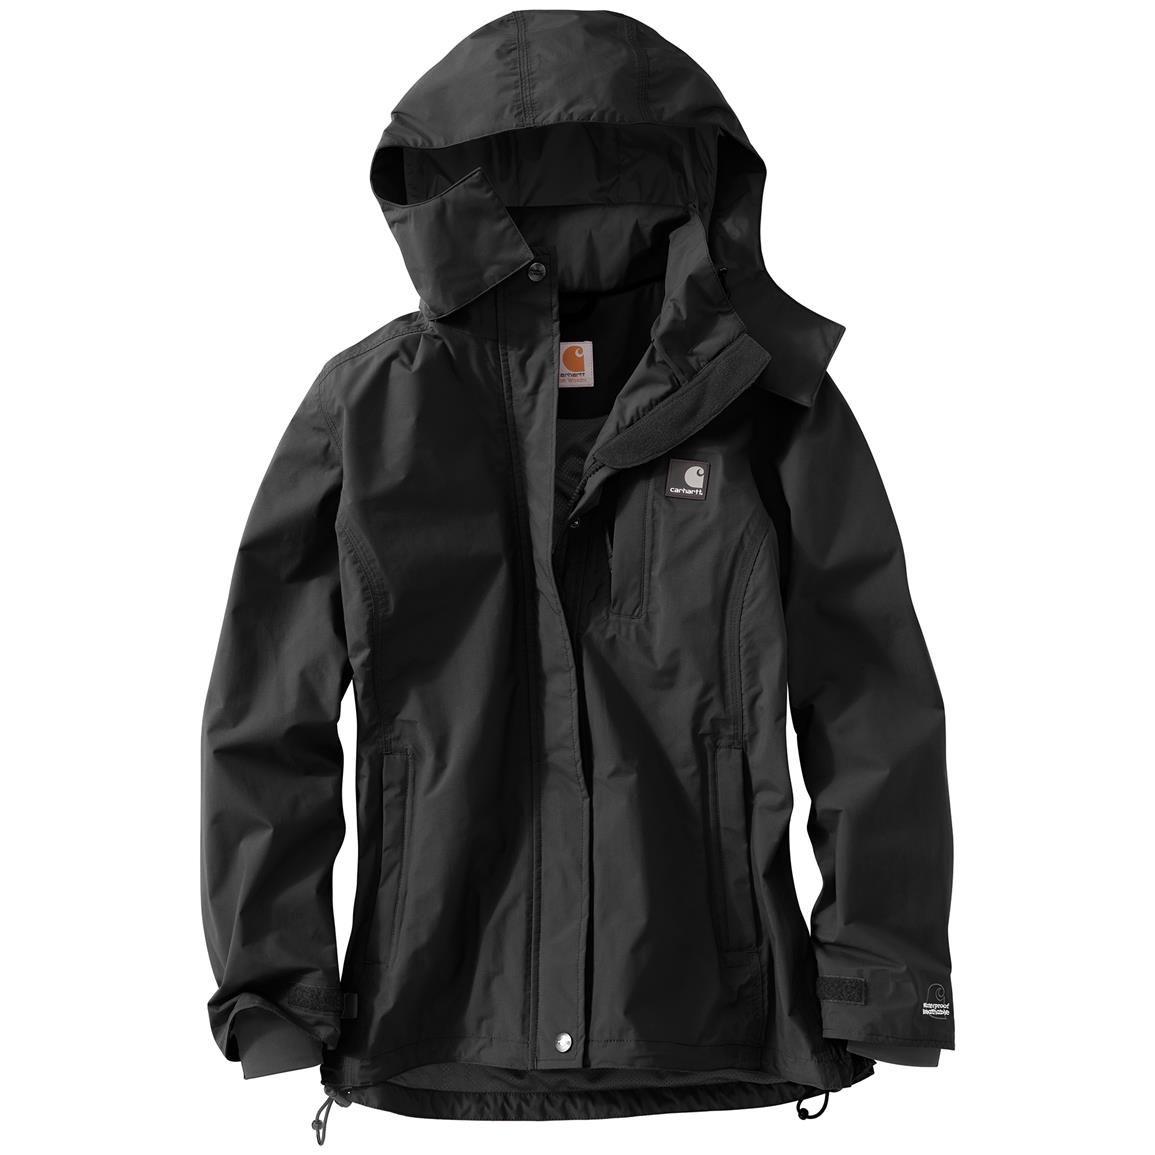 Carhartt Women S Cascade Hooded Jacket Waterproof 640244 Rain Jackets Rain Gear At Sportsman S Guide Carhartt Women Rain Jacket Women Fashion [ 1155 x 1155 Pixel ]